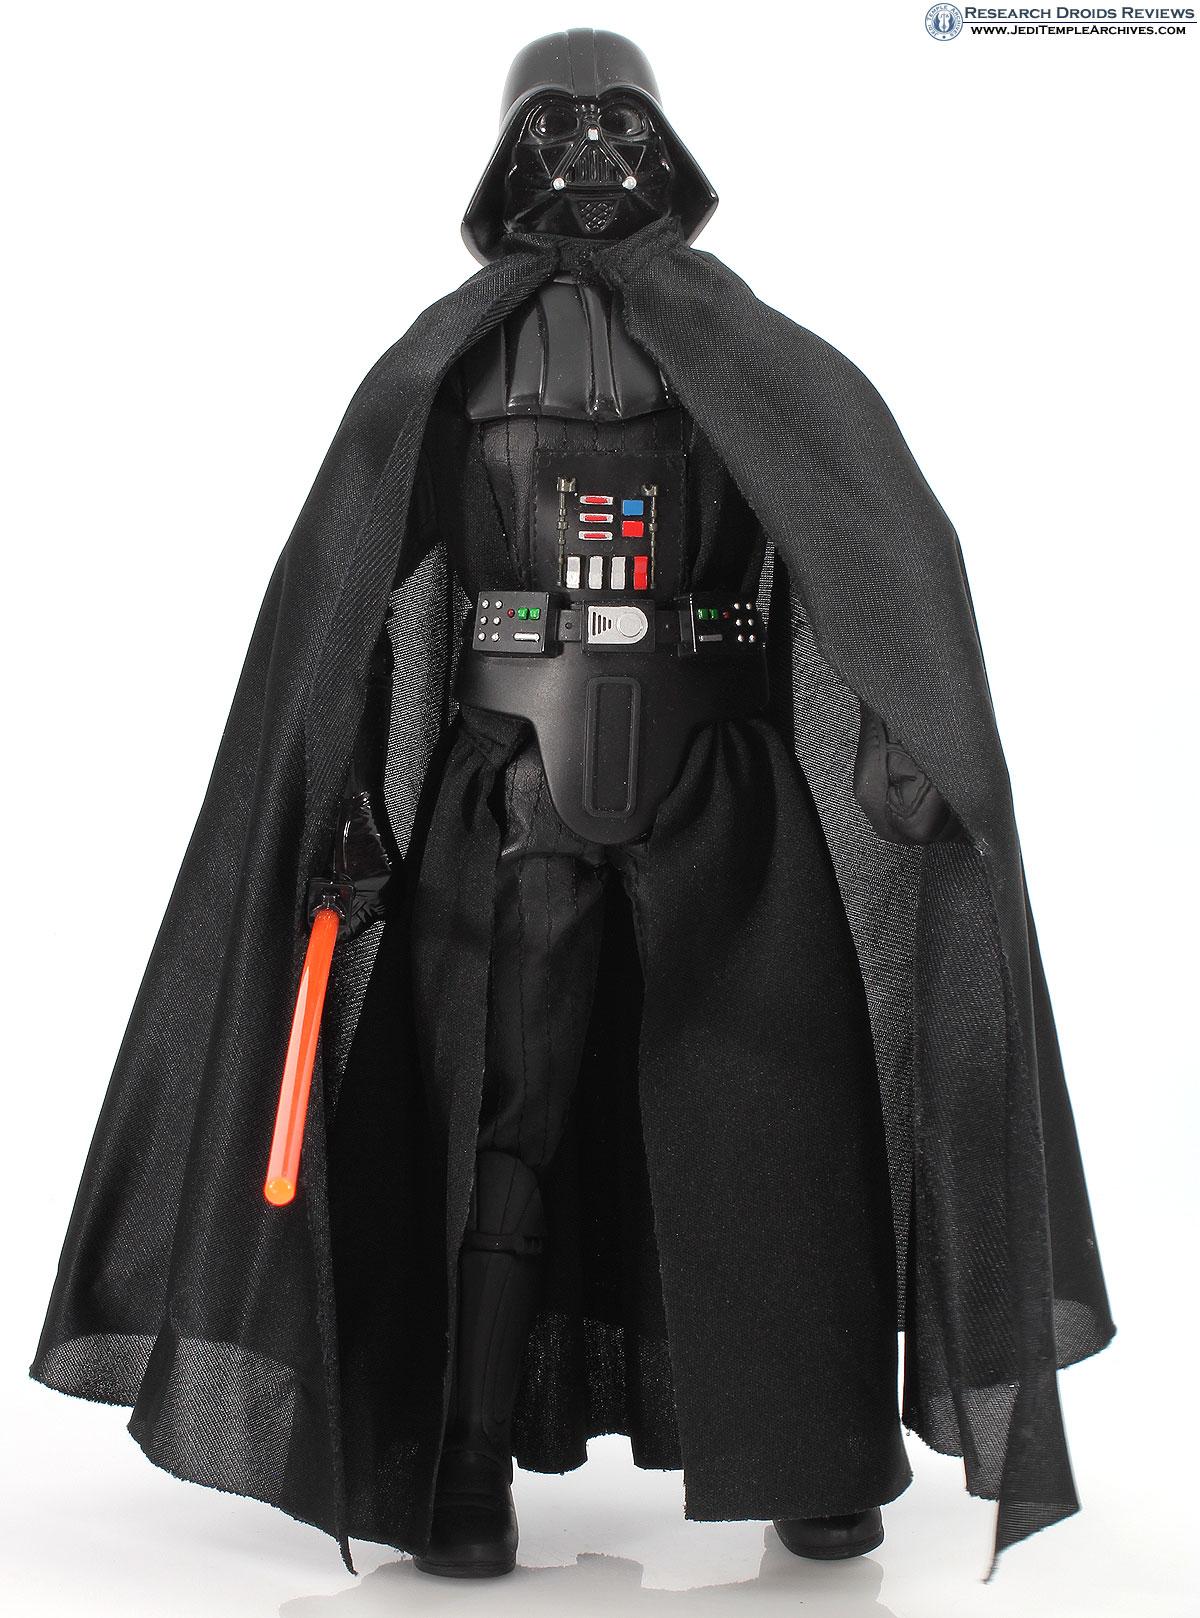 Darth Vader | Obi-Wan Kenobi vs. Darth Vader